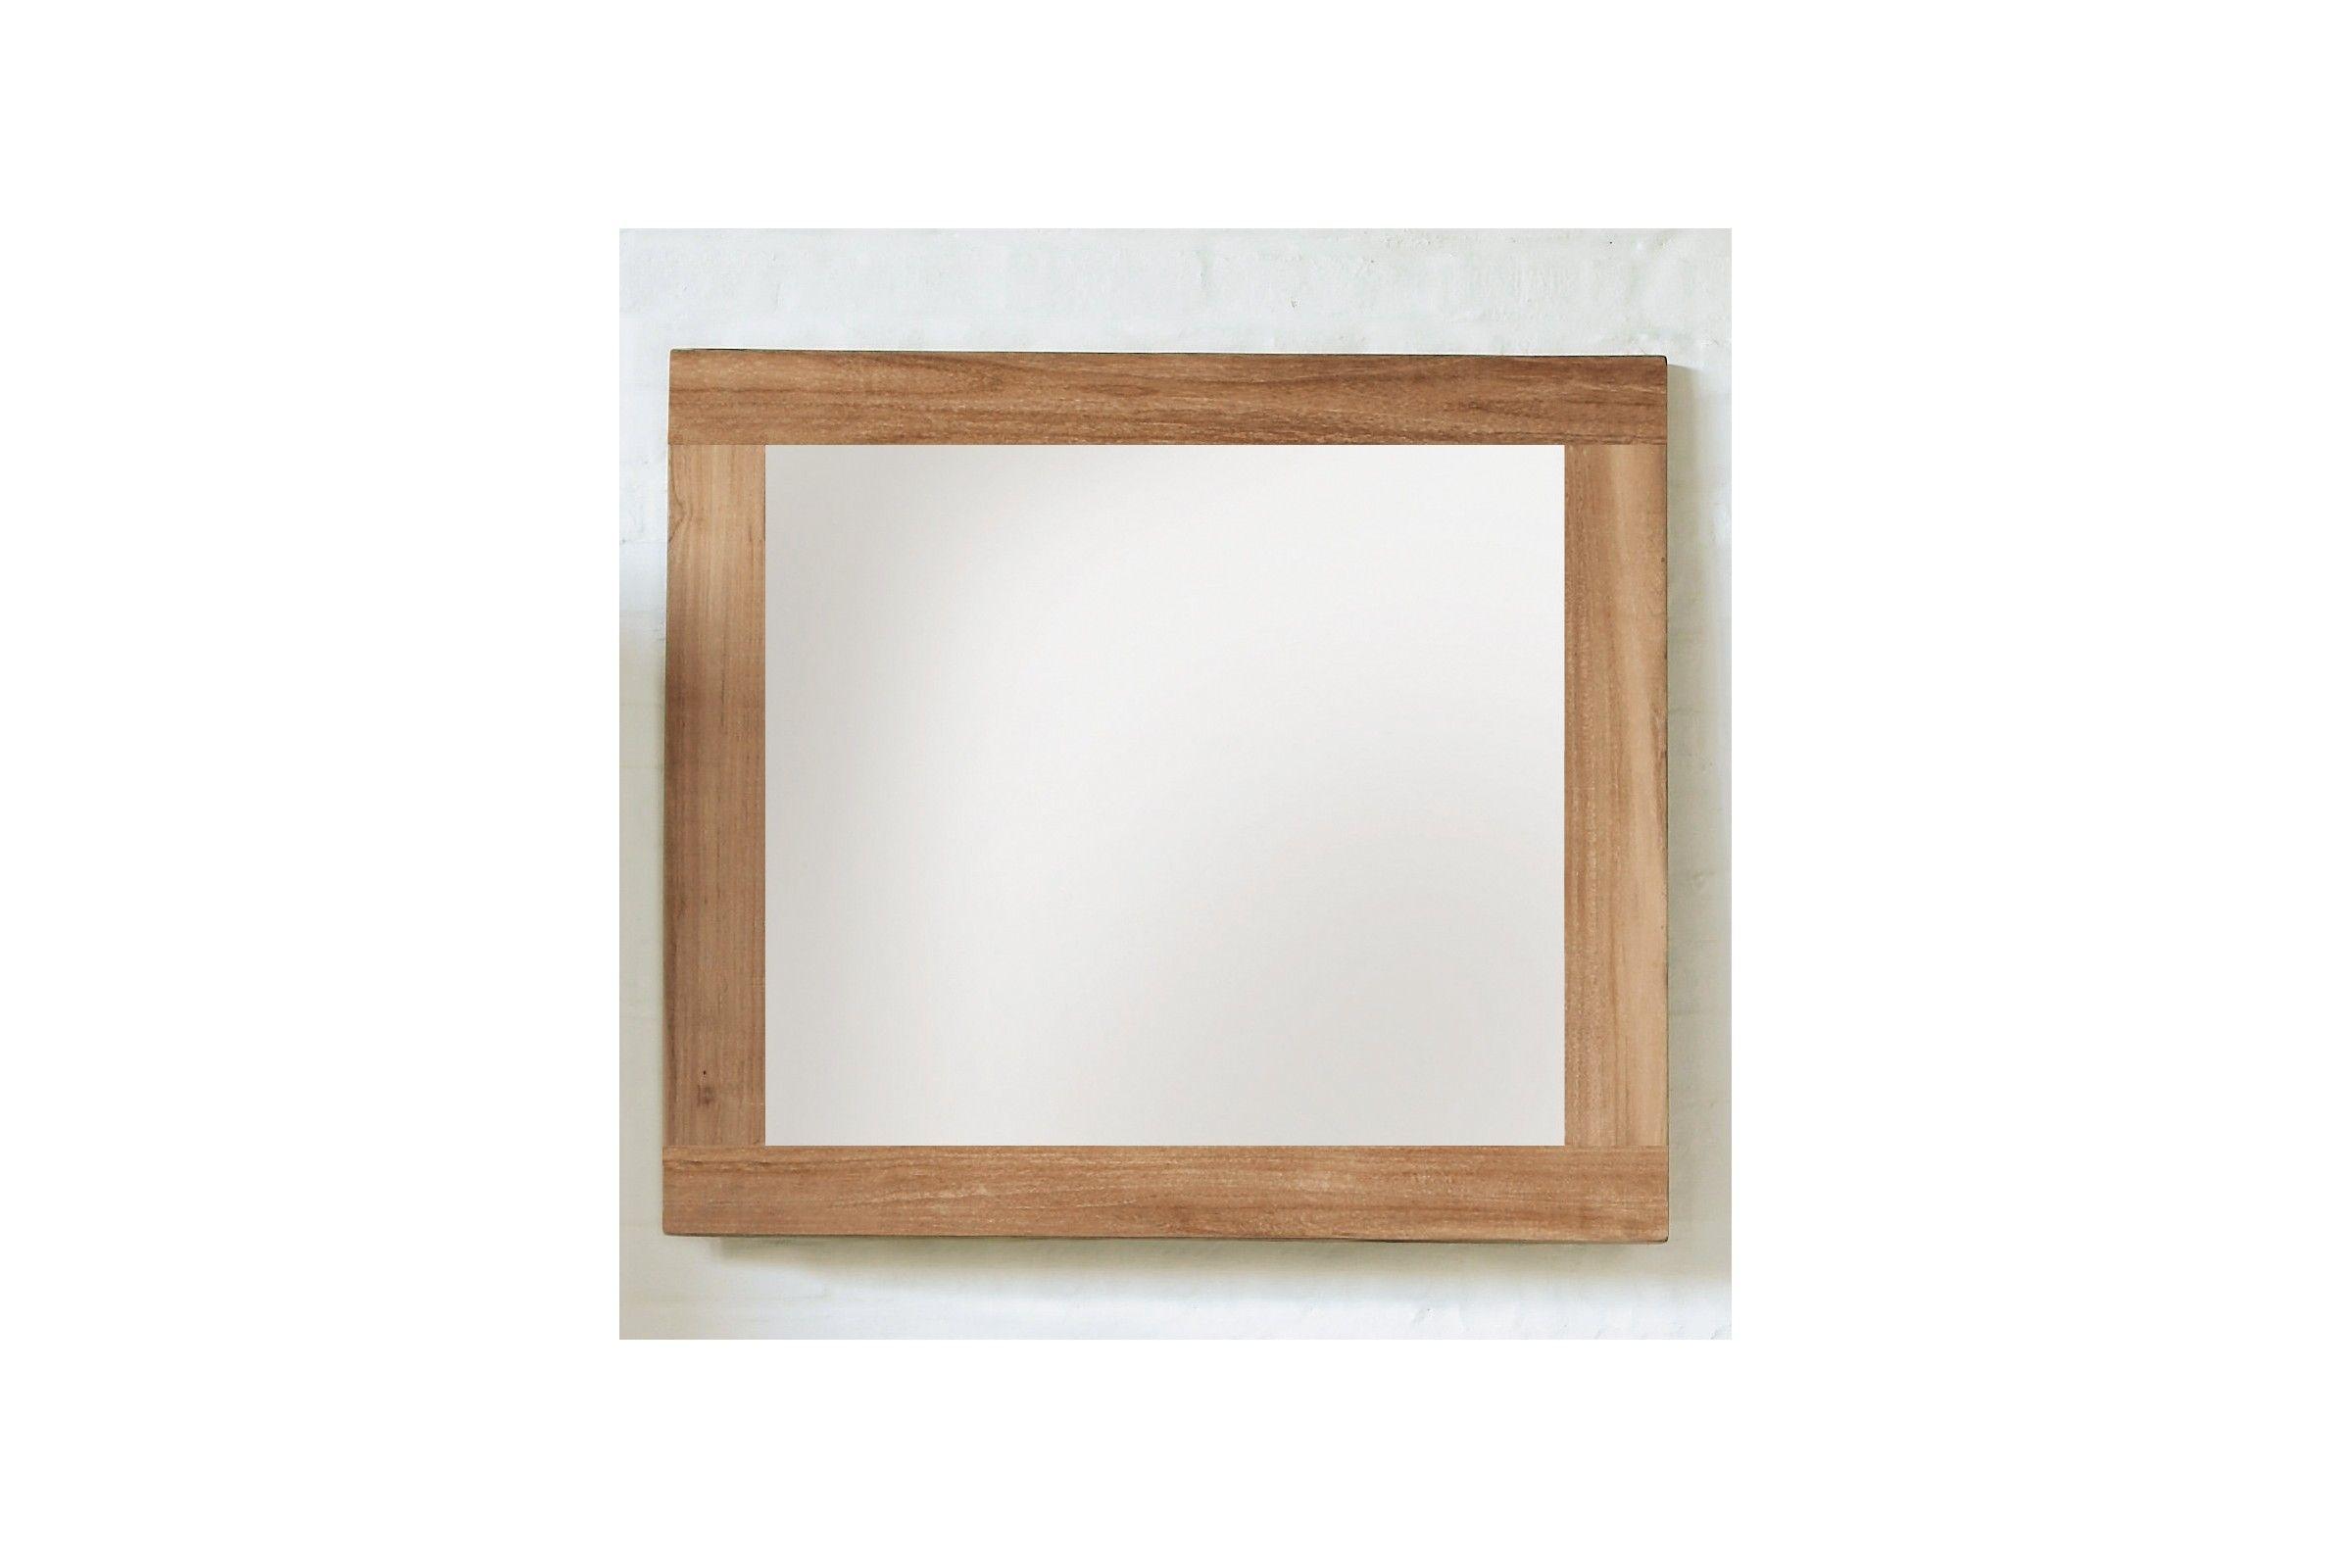 Miroir en teck massif brut by line art la galerie du teck for Miroir bois brut